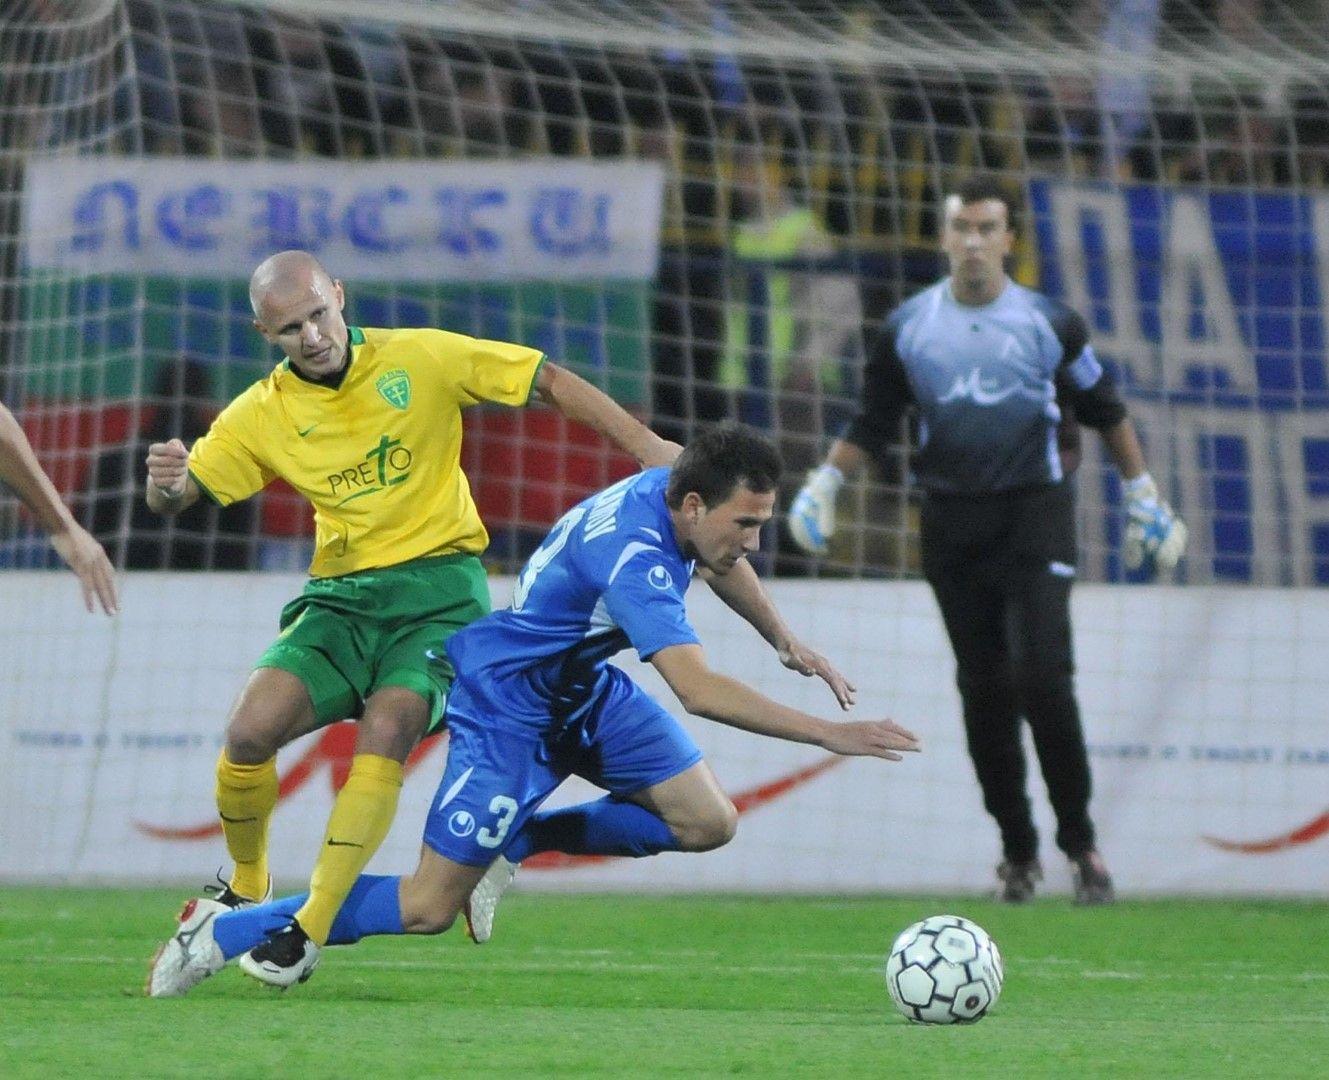 """Момент от мача Левски - Жилина (0:1), през 2008 г. И днес Живко Миланов (на снимката) е футболист на """"сините"""""""